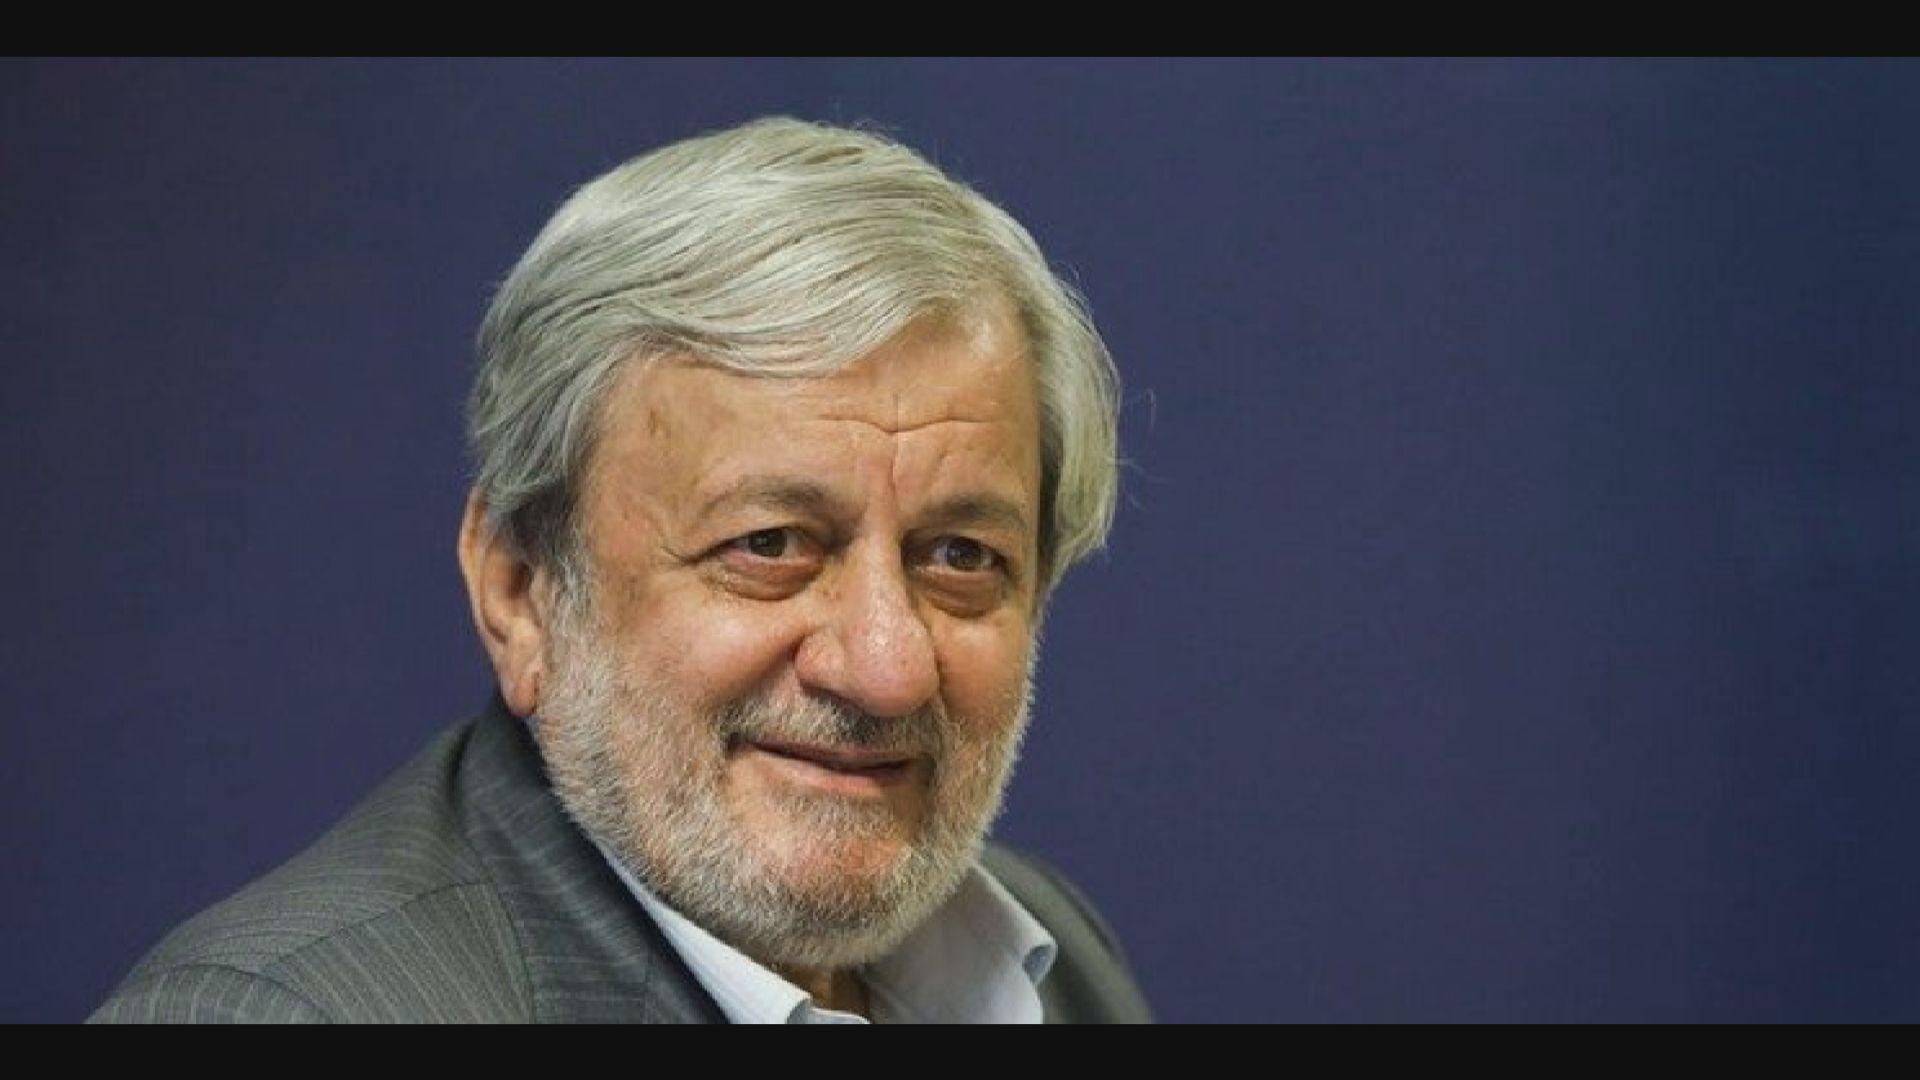 伊朗最高領袖顧問感染新型冠狀病毒死亡